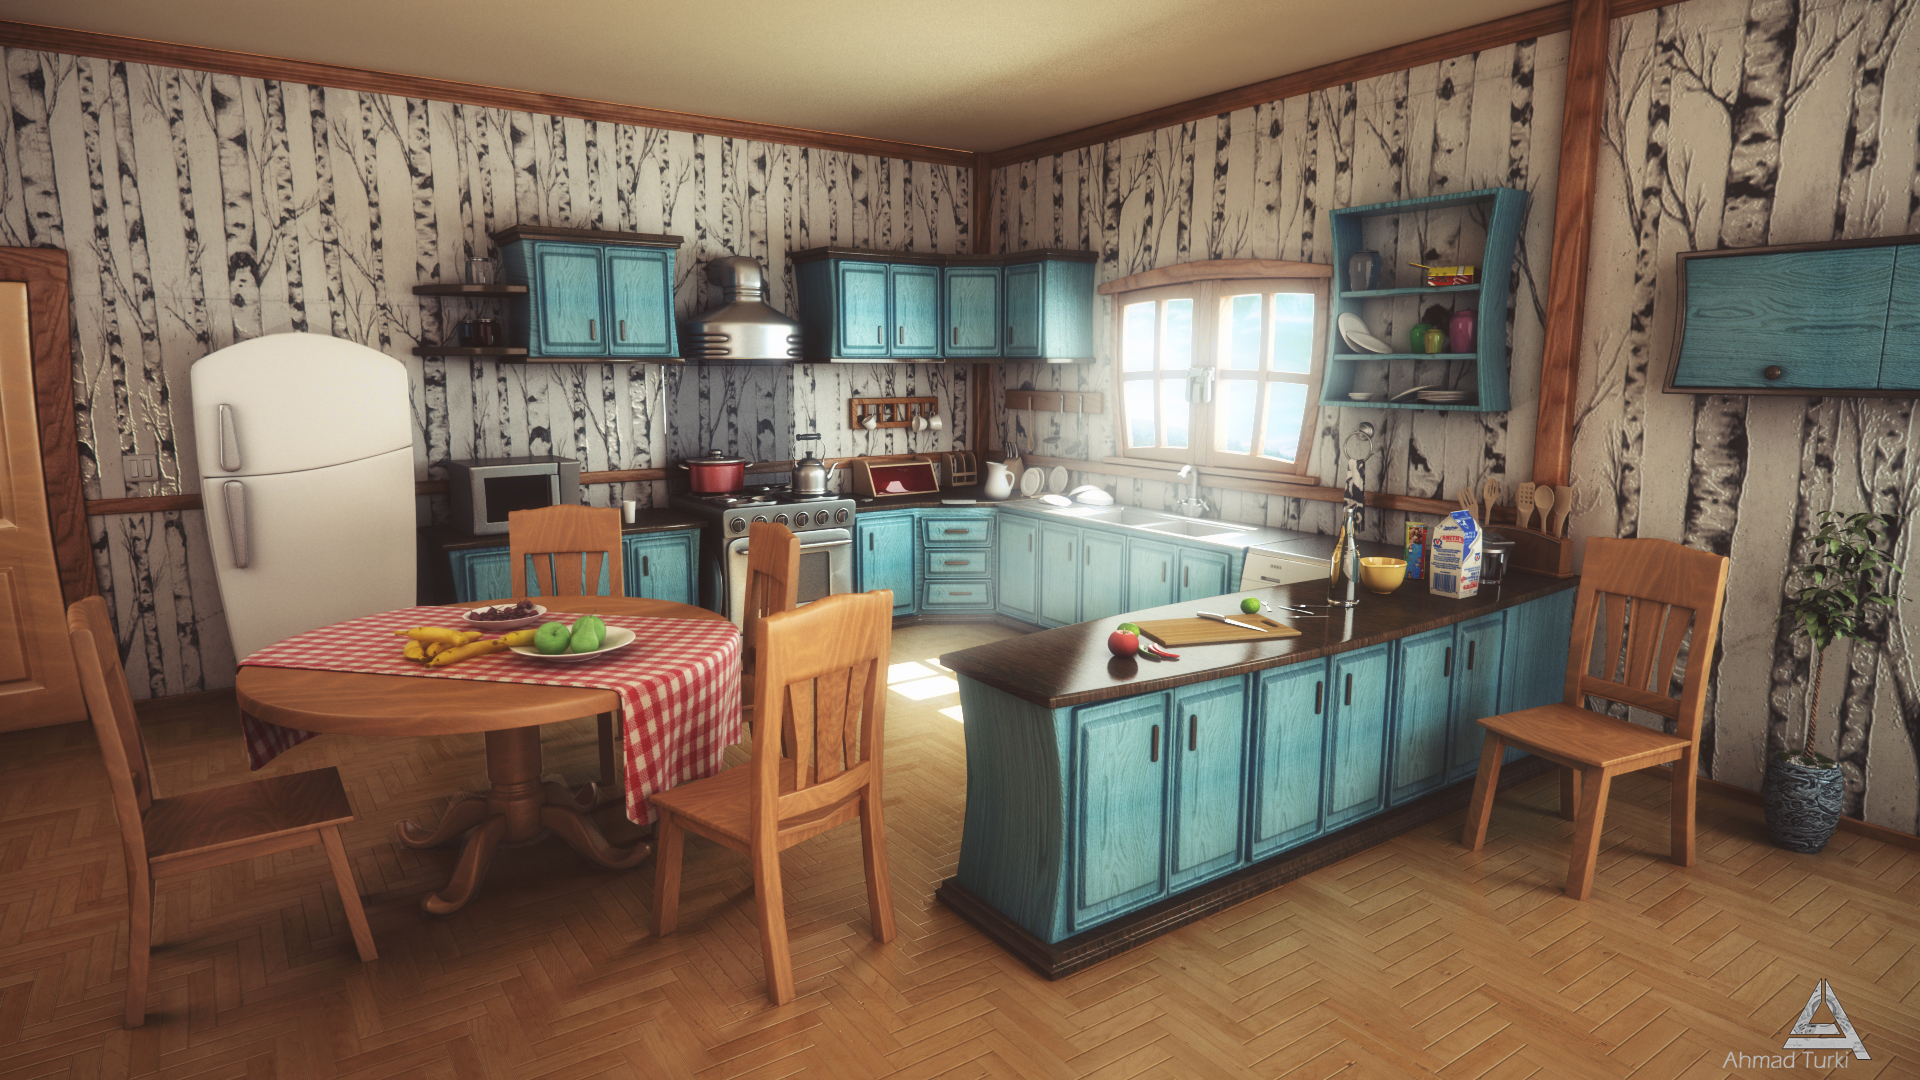 Cartoon kitchen by ahmadturk on deviantart for Kitchen room cartoon images